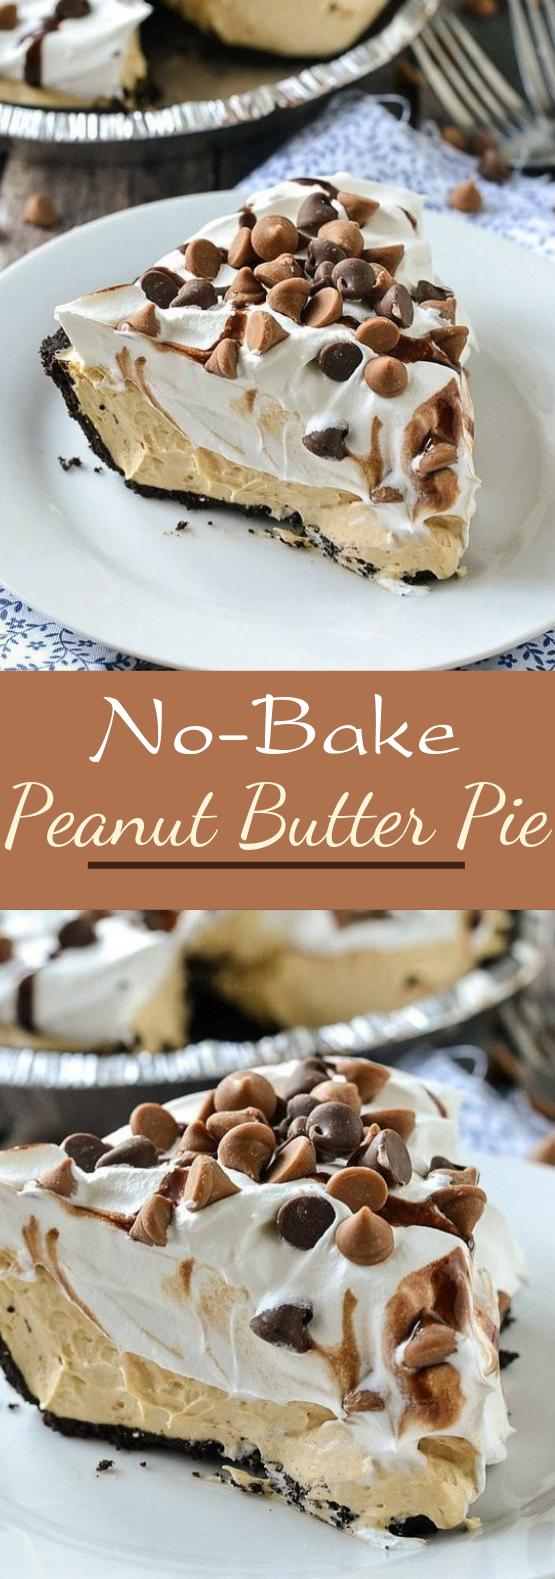 No-Bake Peanut Butter Pie #dessert #sweettreat